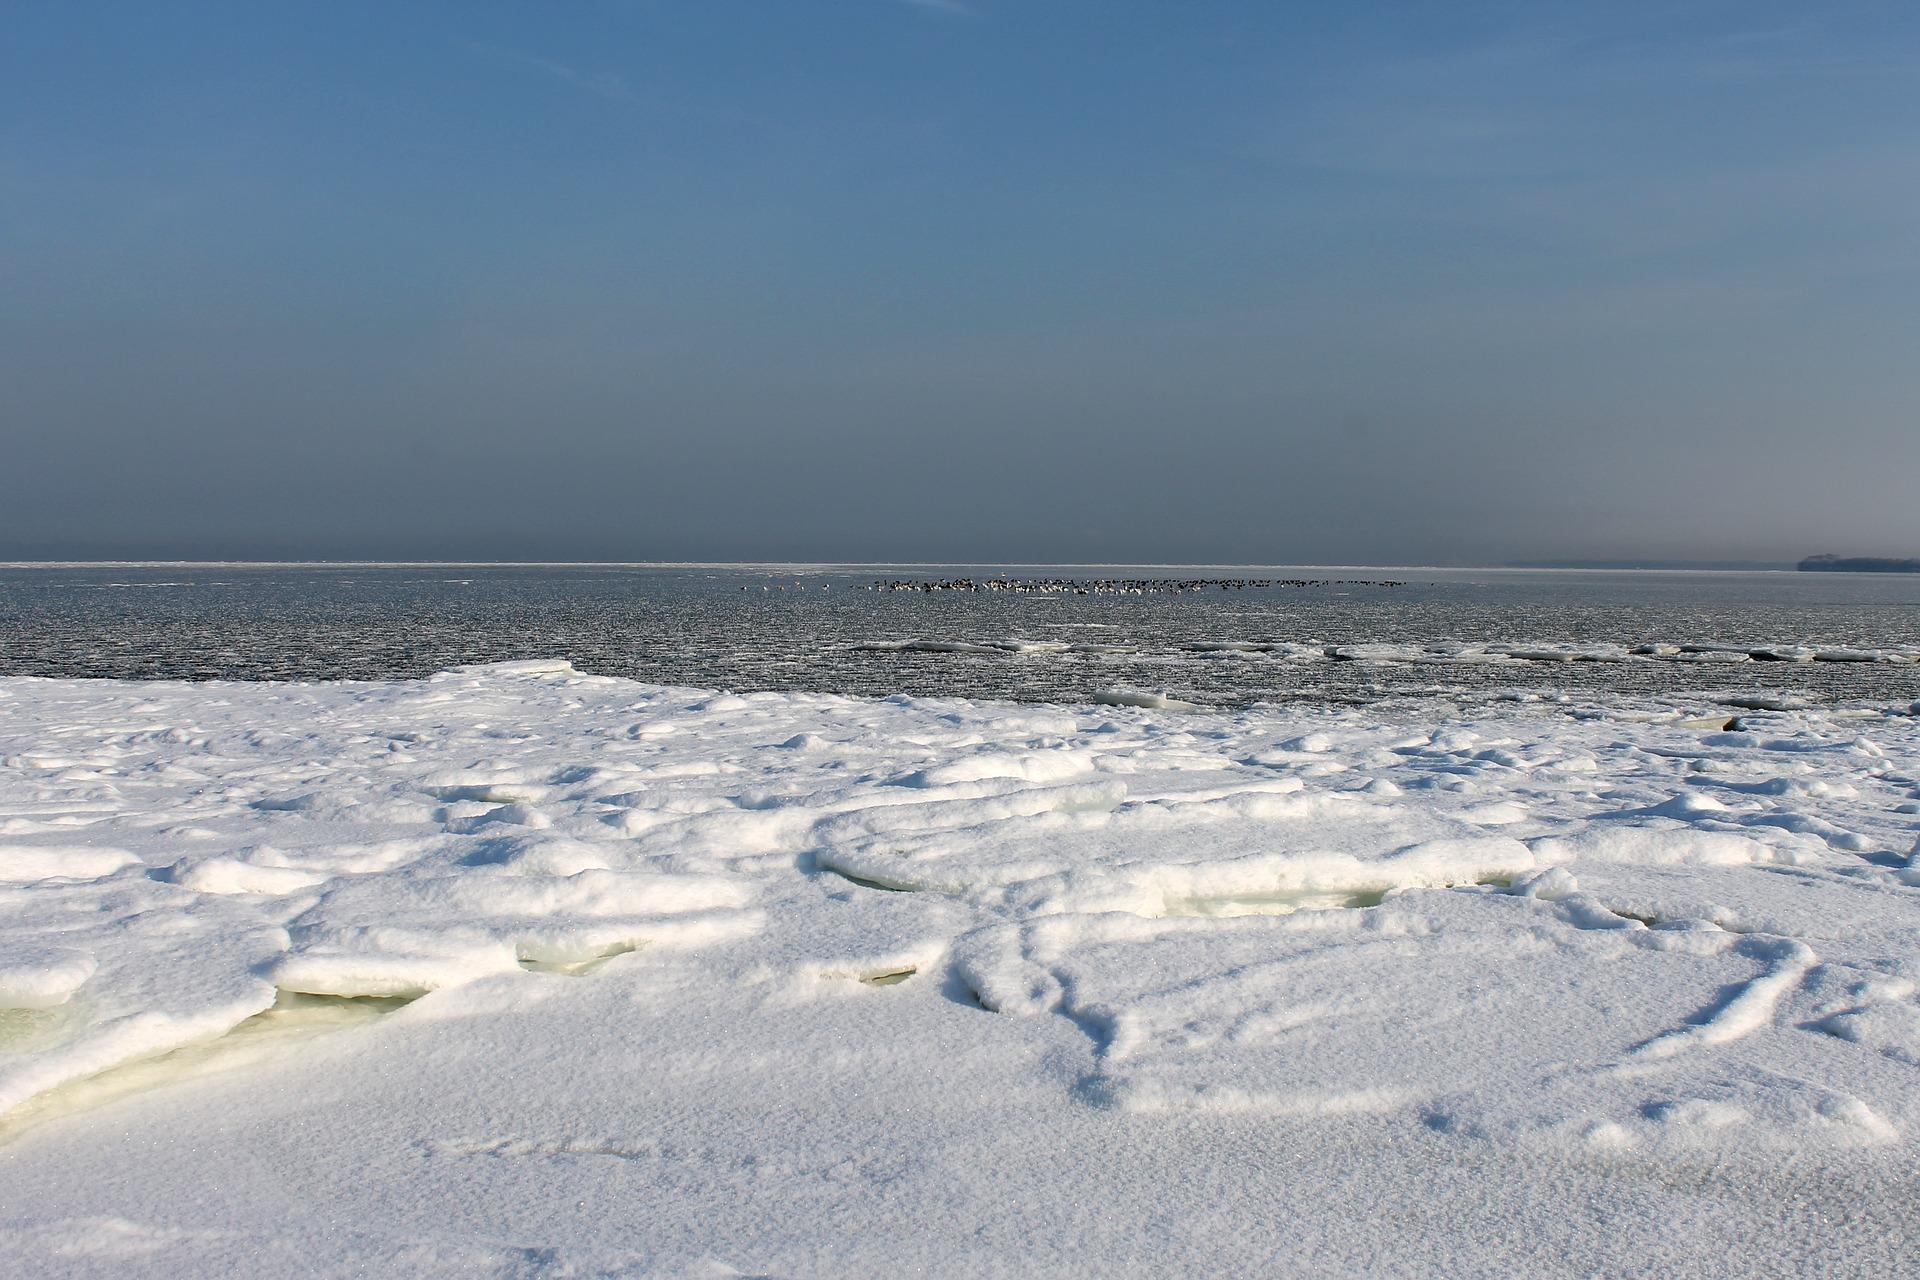 baltic-sea-in-winter-3882138_1920